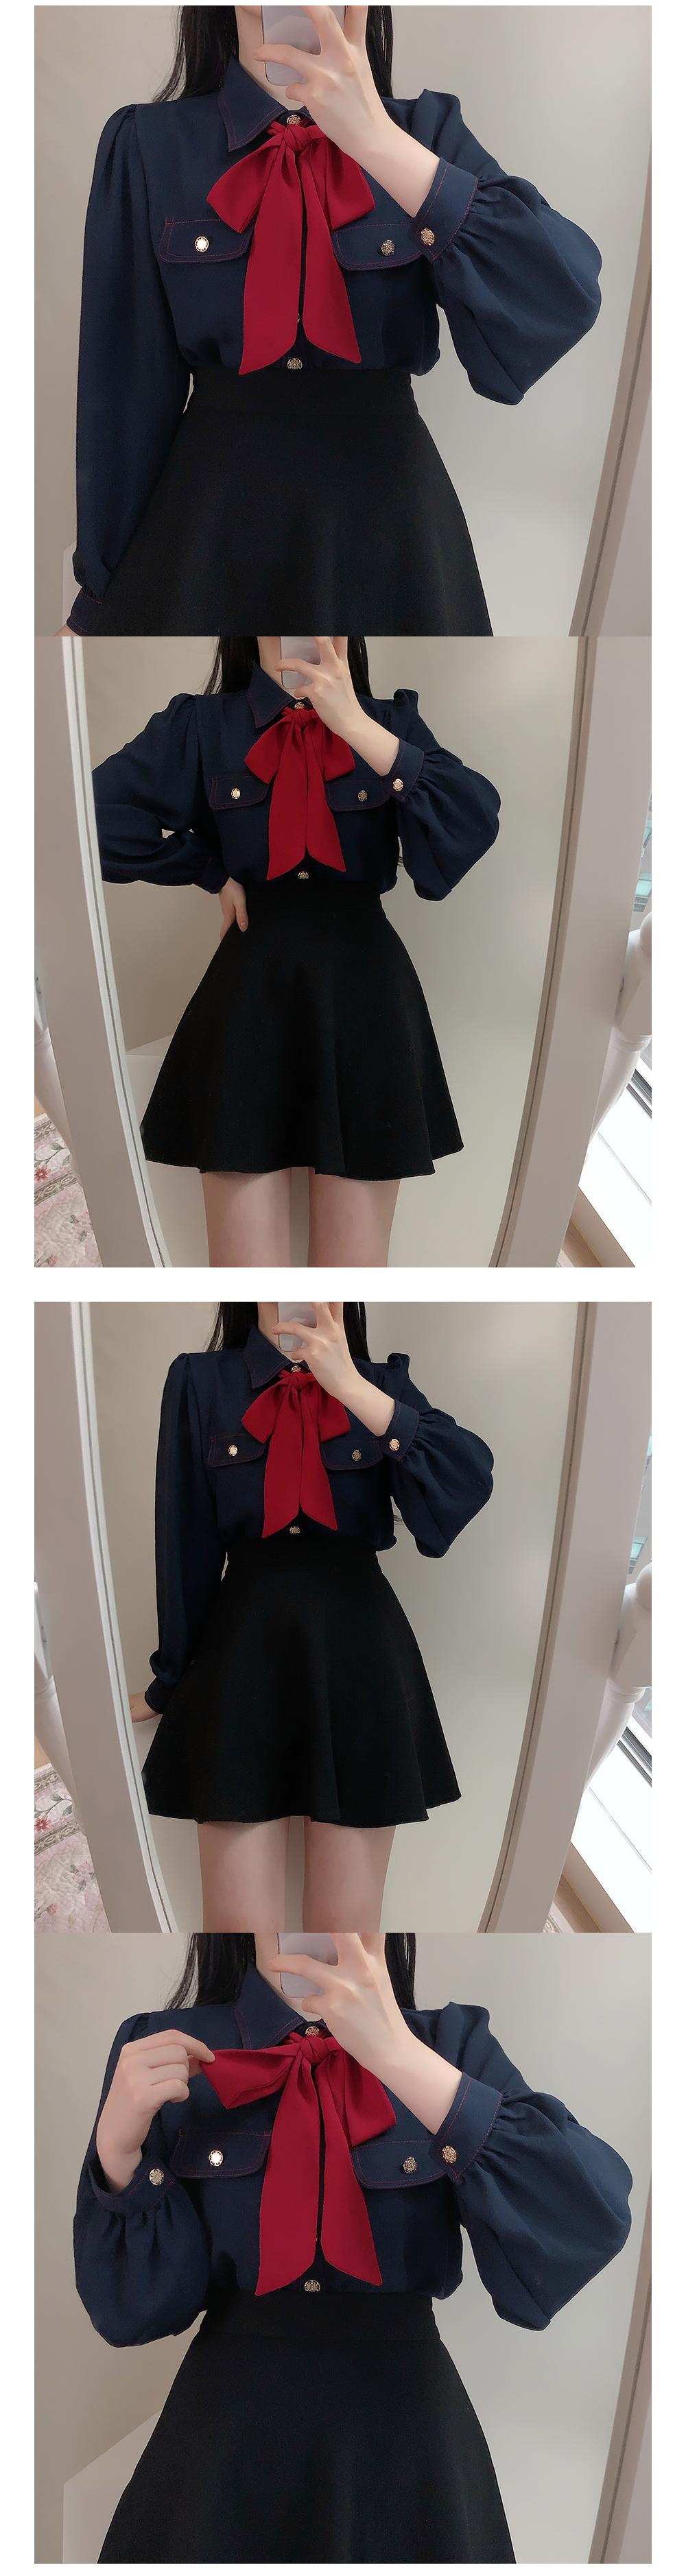 skirt detail image-S1L3